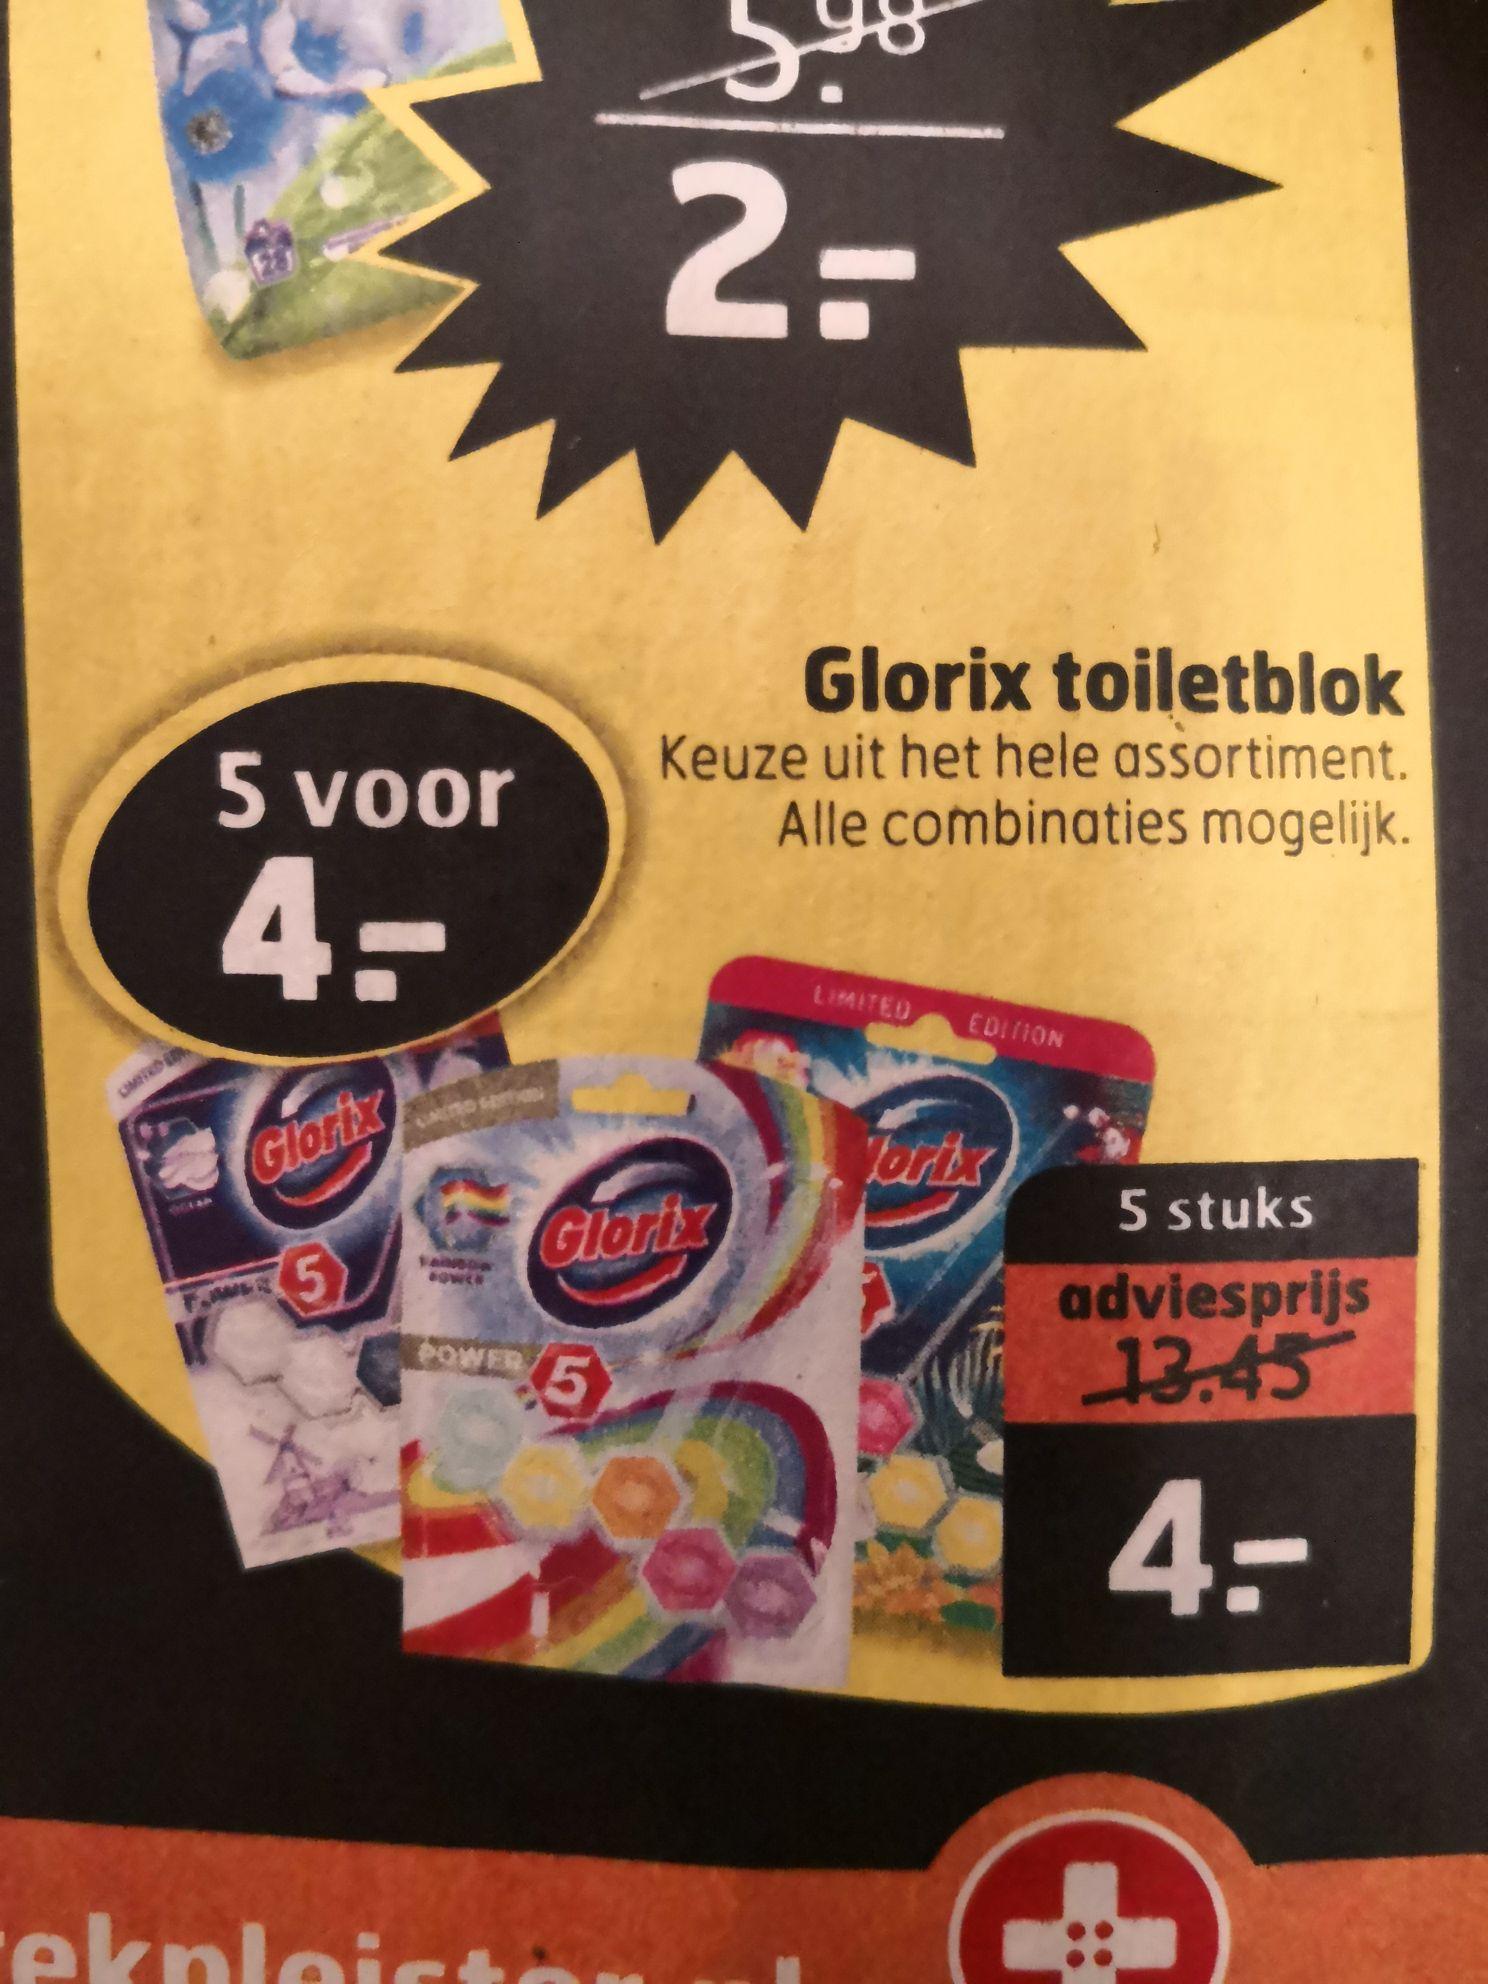 Glorix toiletblokken 5 voor €4 (0,80€/st)